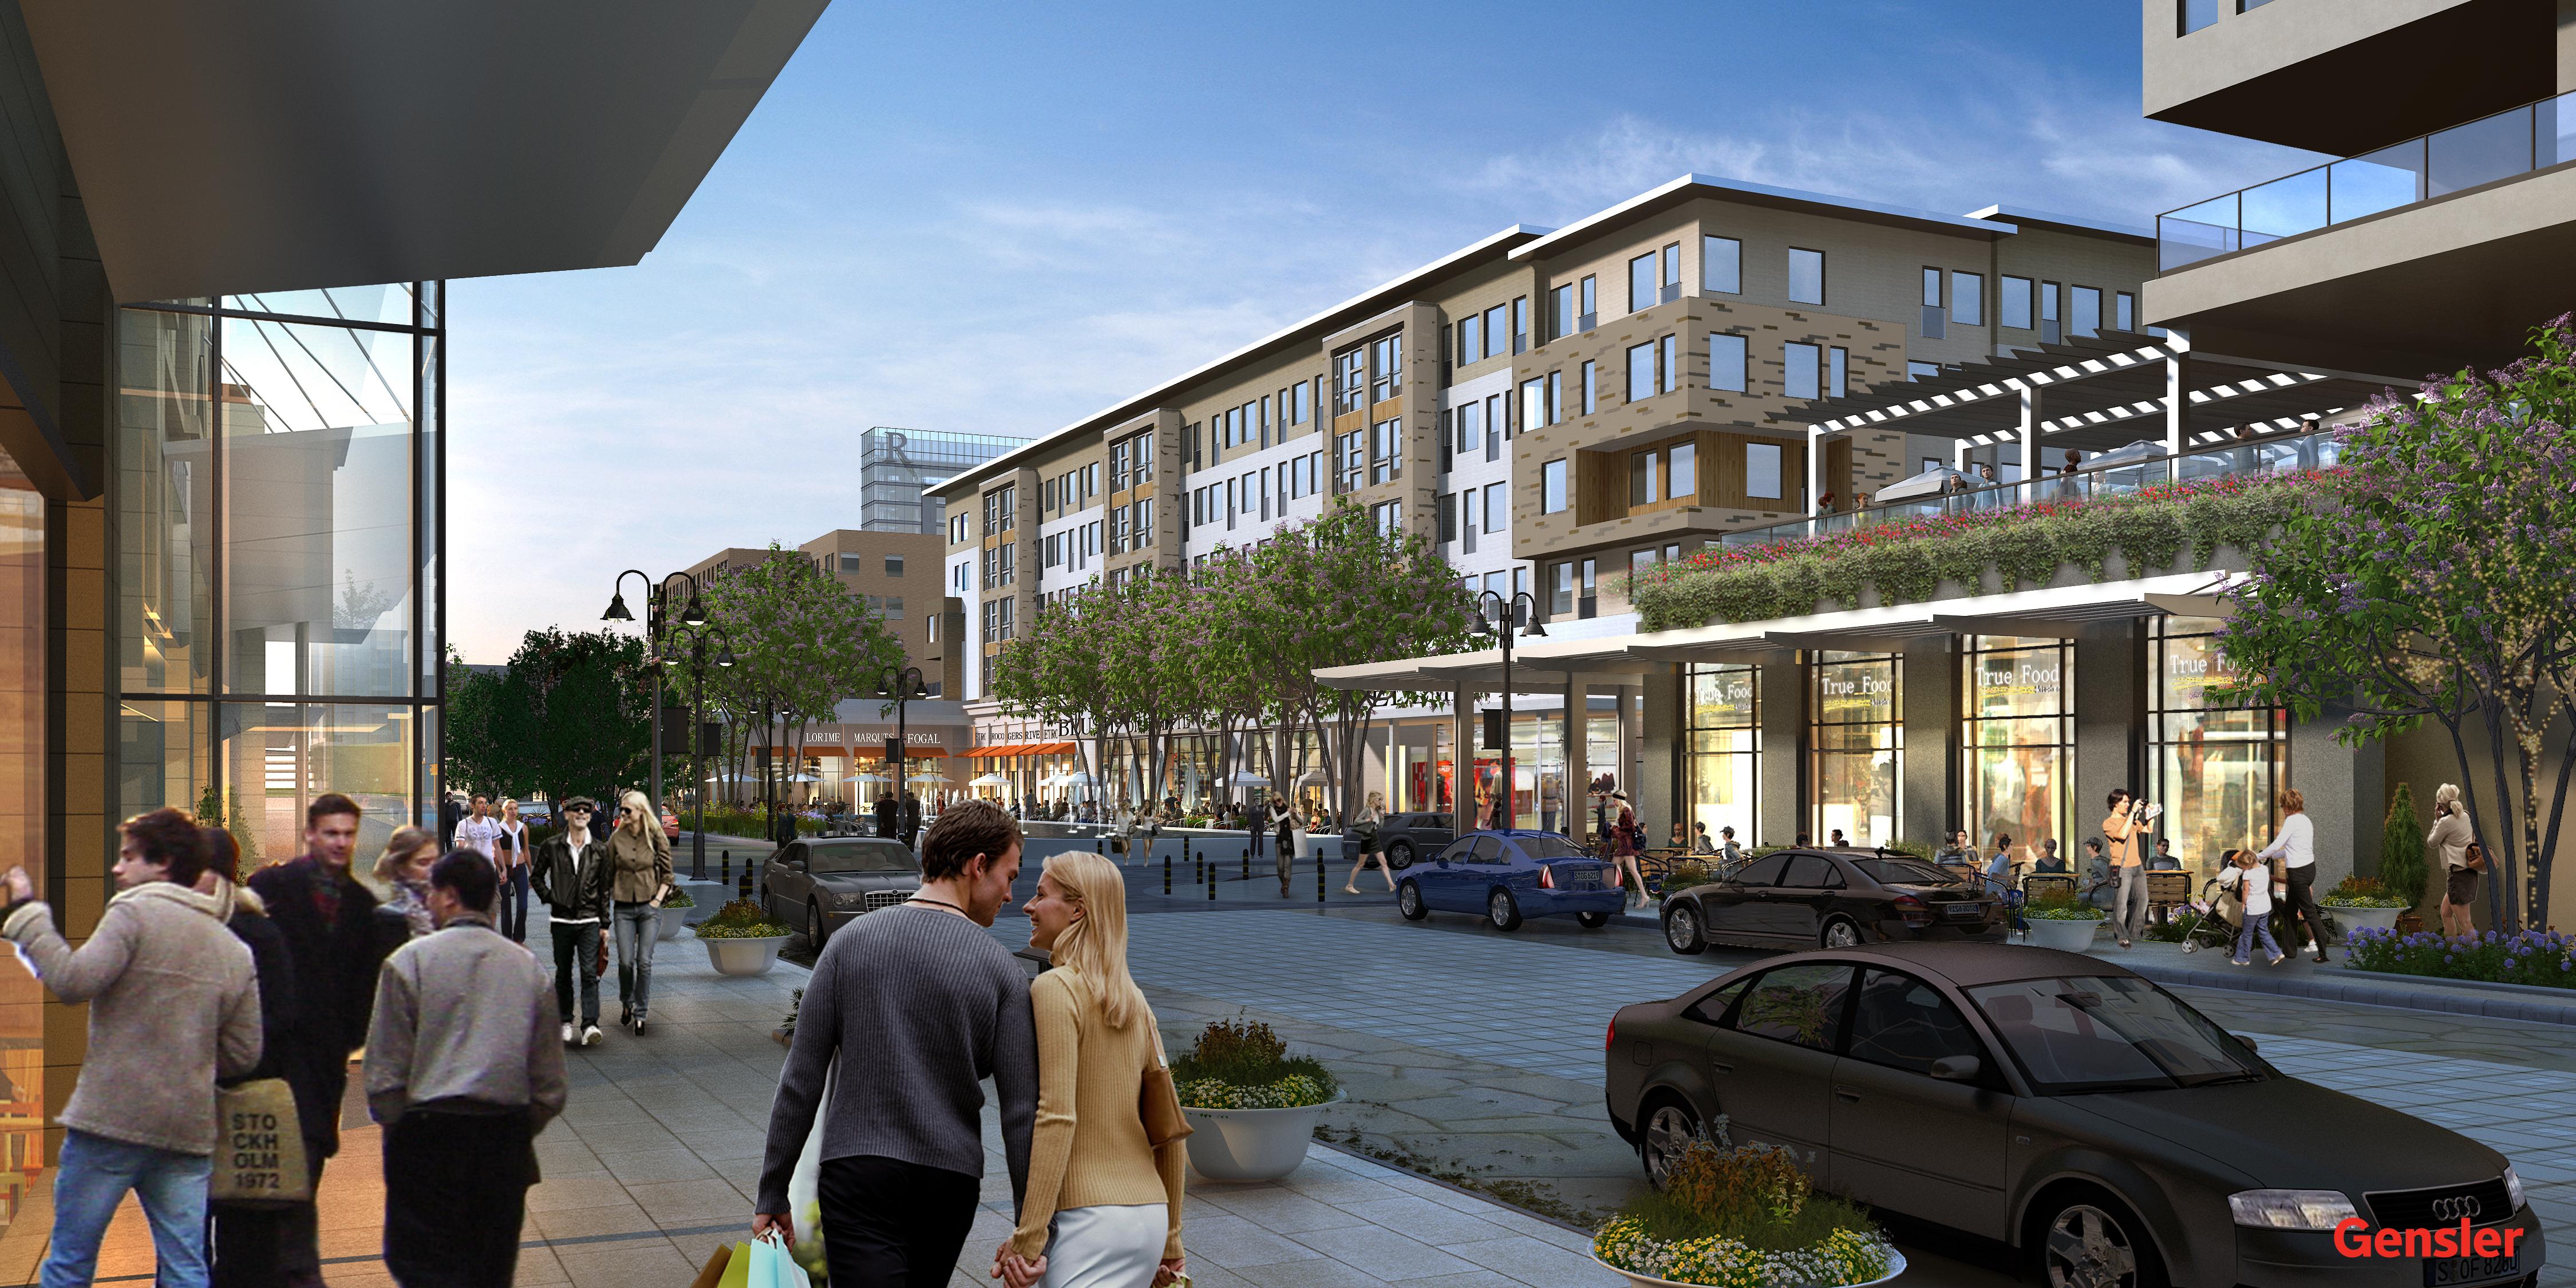 Frontgate West Elm Victoria s Secret among 100 tenants for